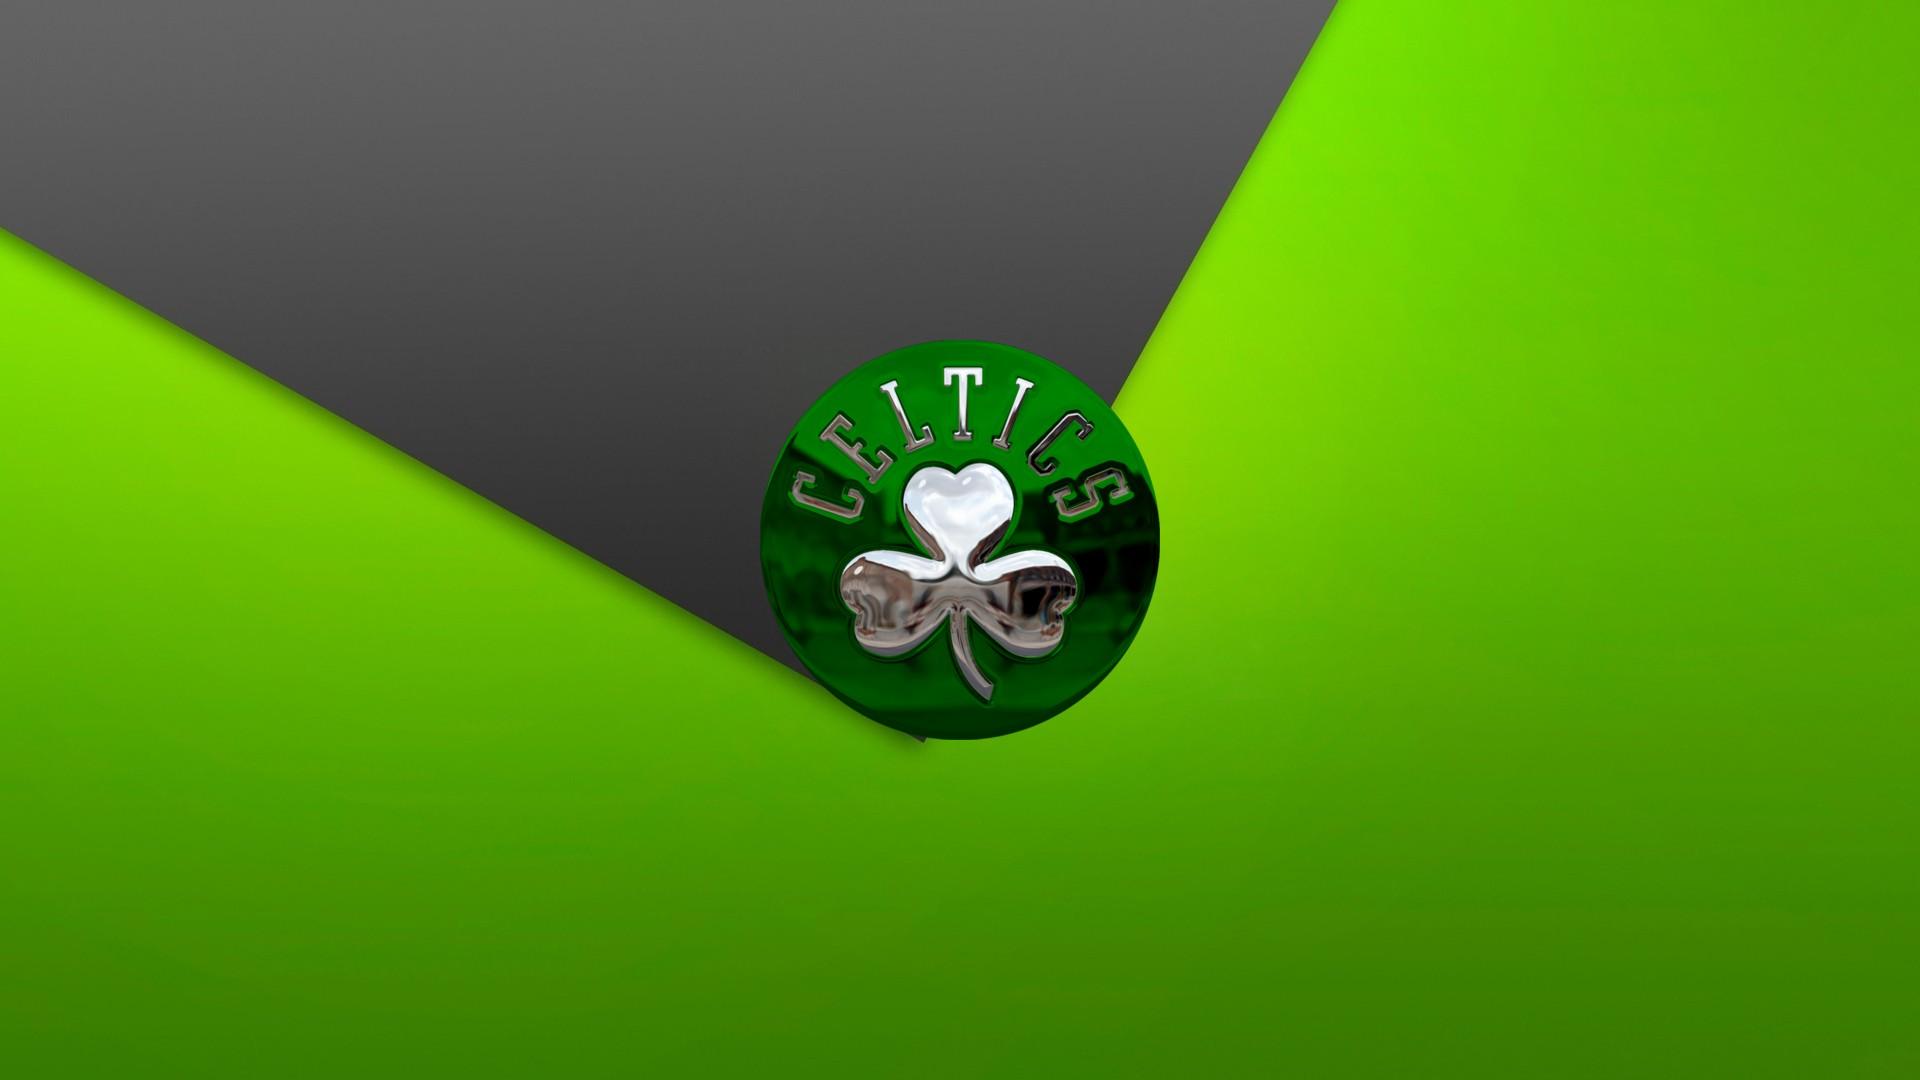 Boston Celtics Logo For Desktop Wallpaper 2019 Basketball Wallpaper 1920x1080